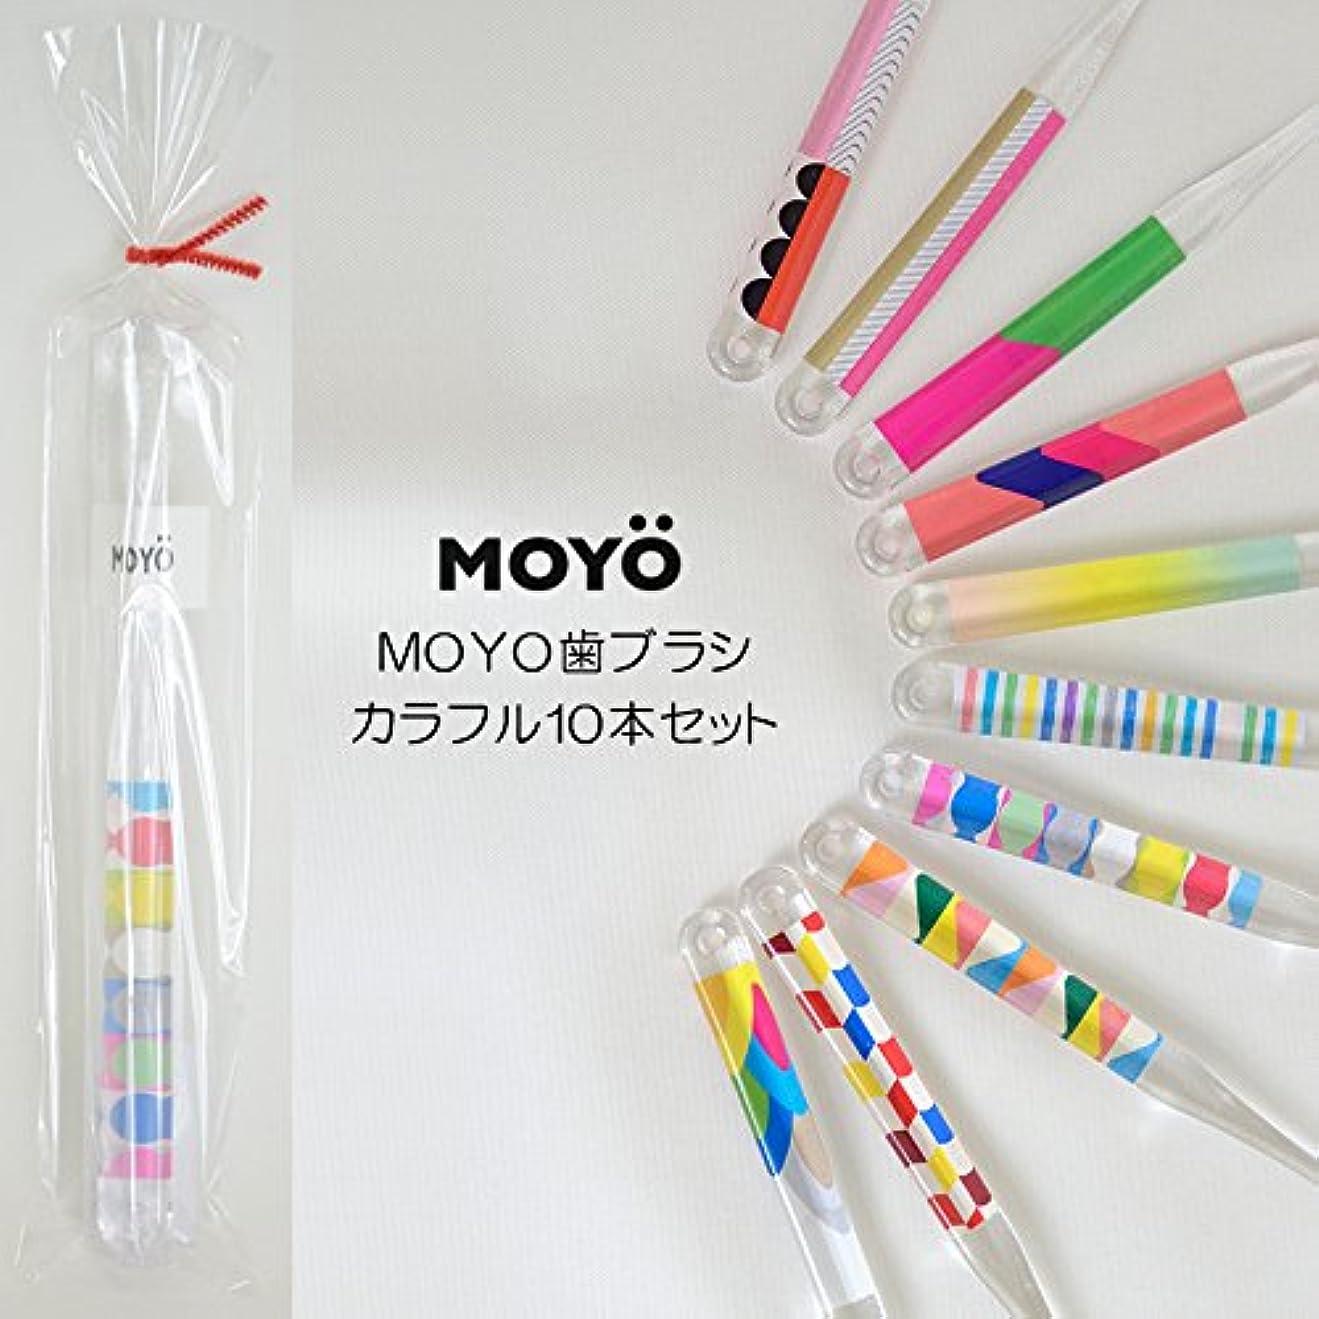 バウンススペル酔ったMOYO モヨウ カラフル10本 プチ ギフト セット_562302-colorful 【F】,カラフル10本セット